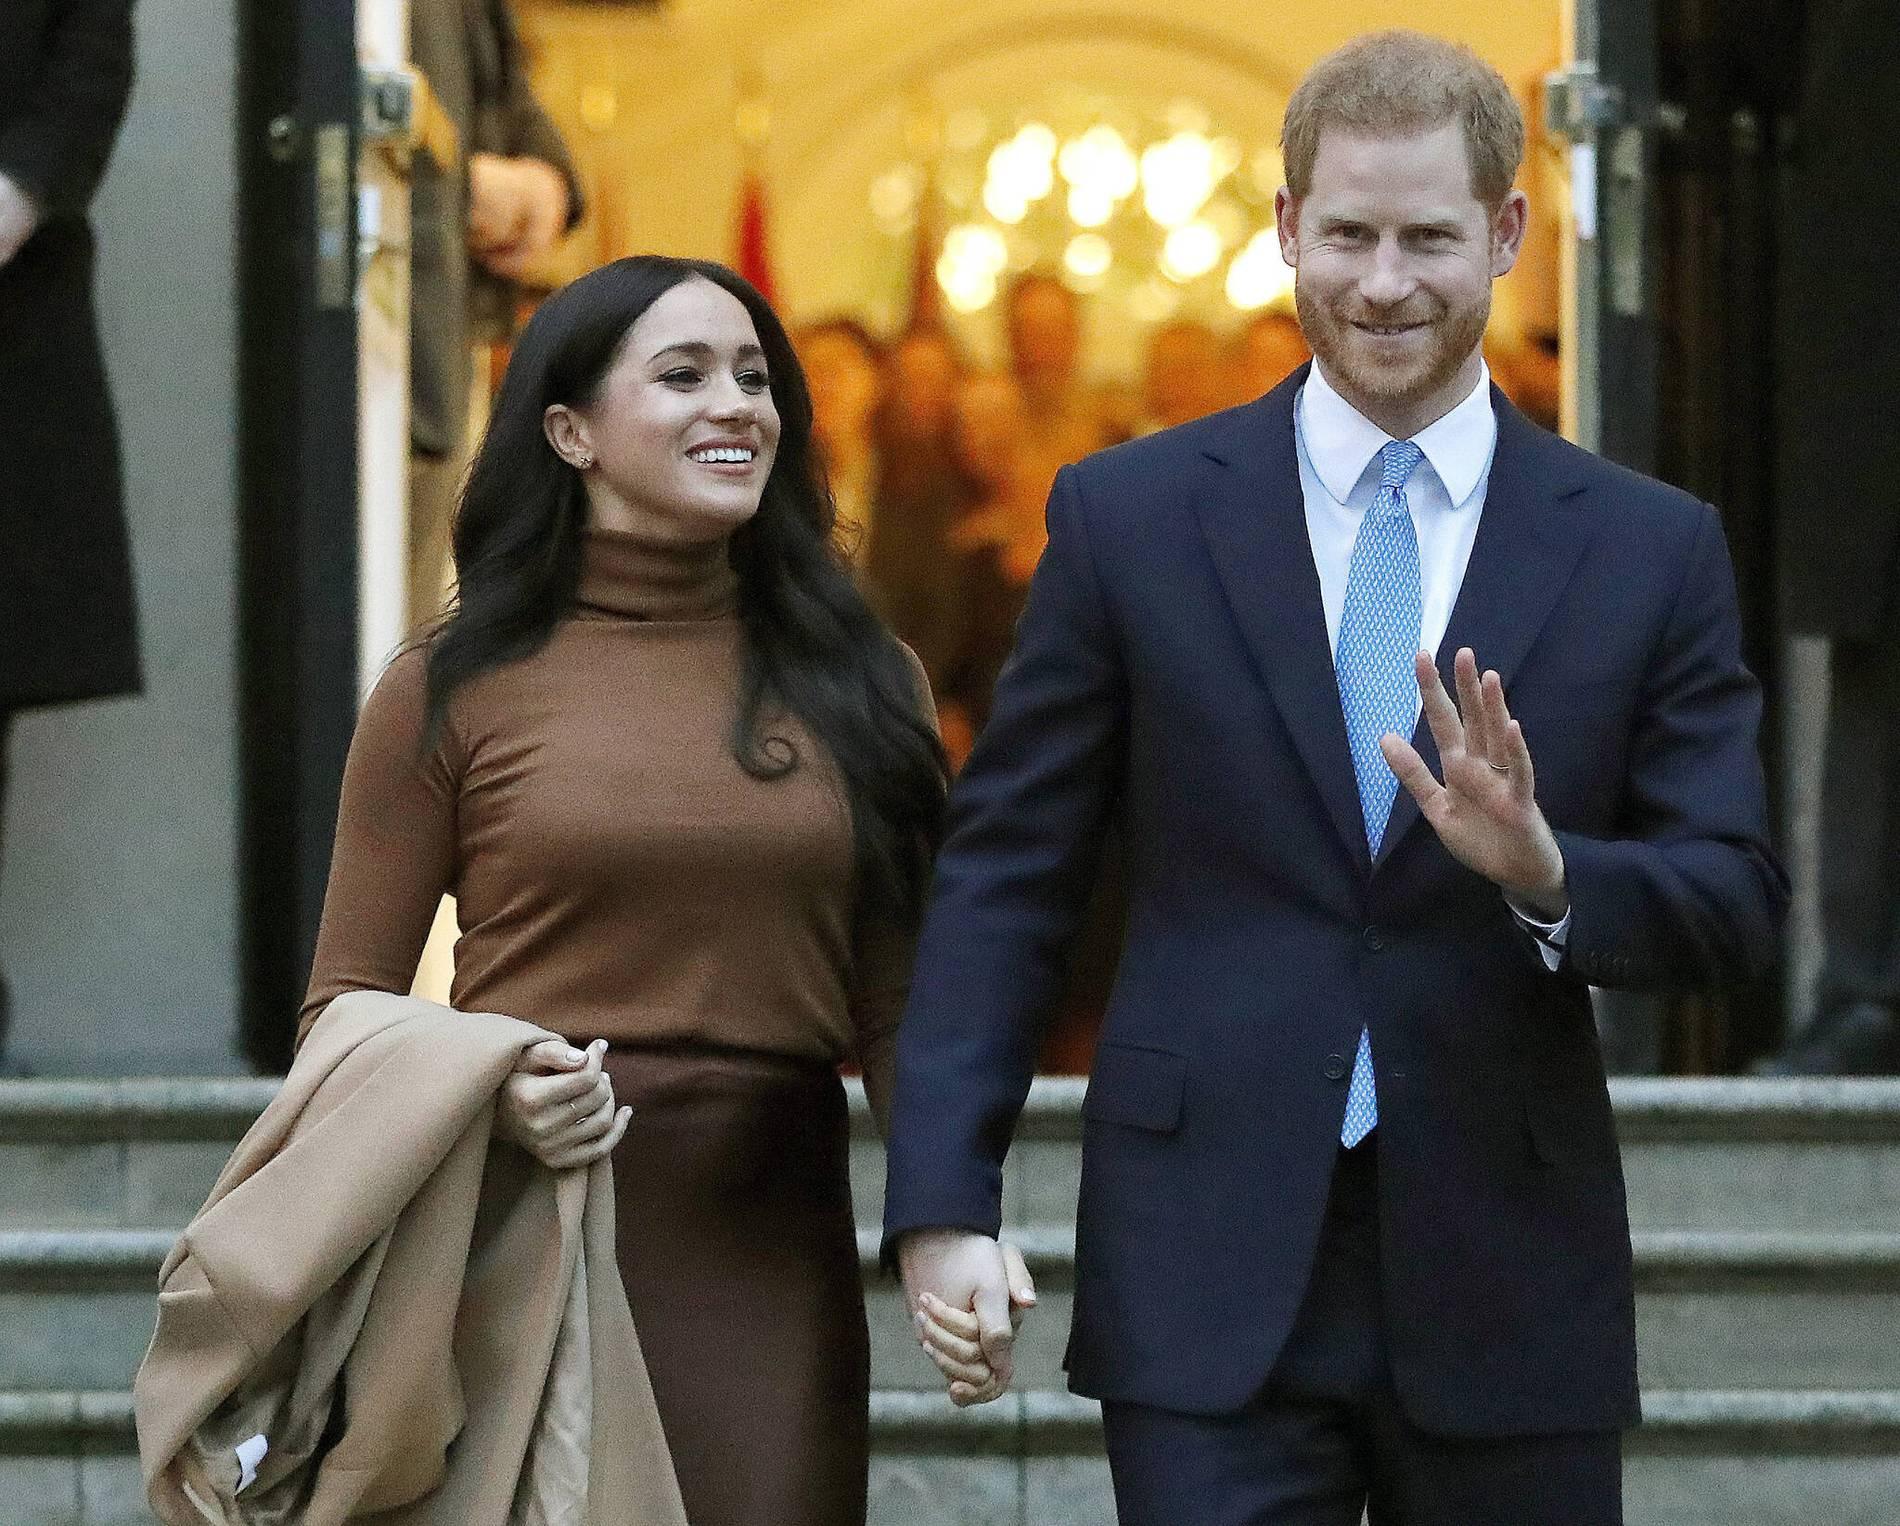 Palastkreise: Queen hofft auf Geburtstagsparade im Juni | Boulevard